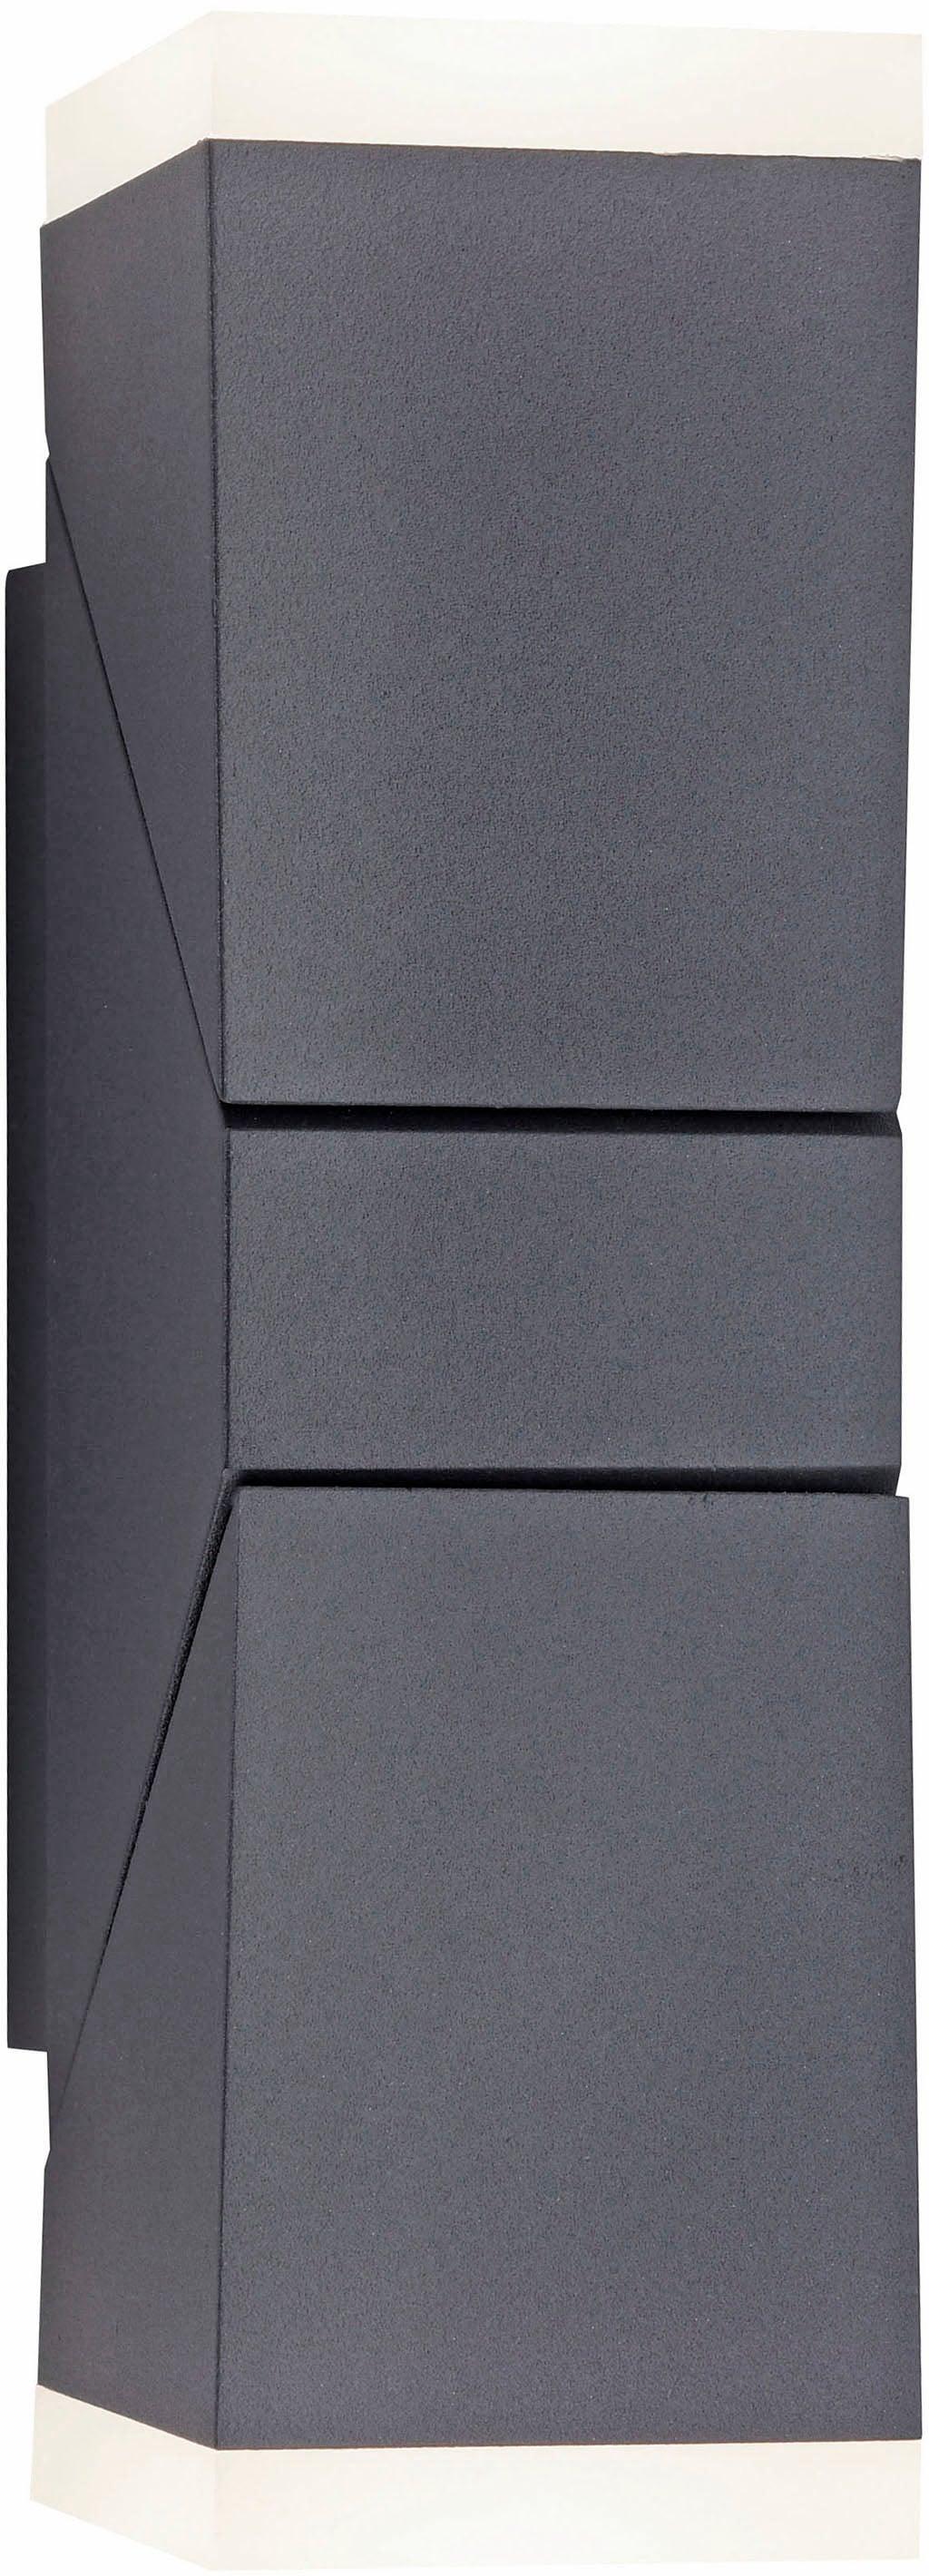 Paul Neuhaus LED Außen-Wandleuchte Ryan, LED-Board, 1 St., Warmweiß, Schutzart IP, Für Außen- und Innenbereich